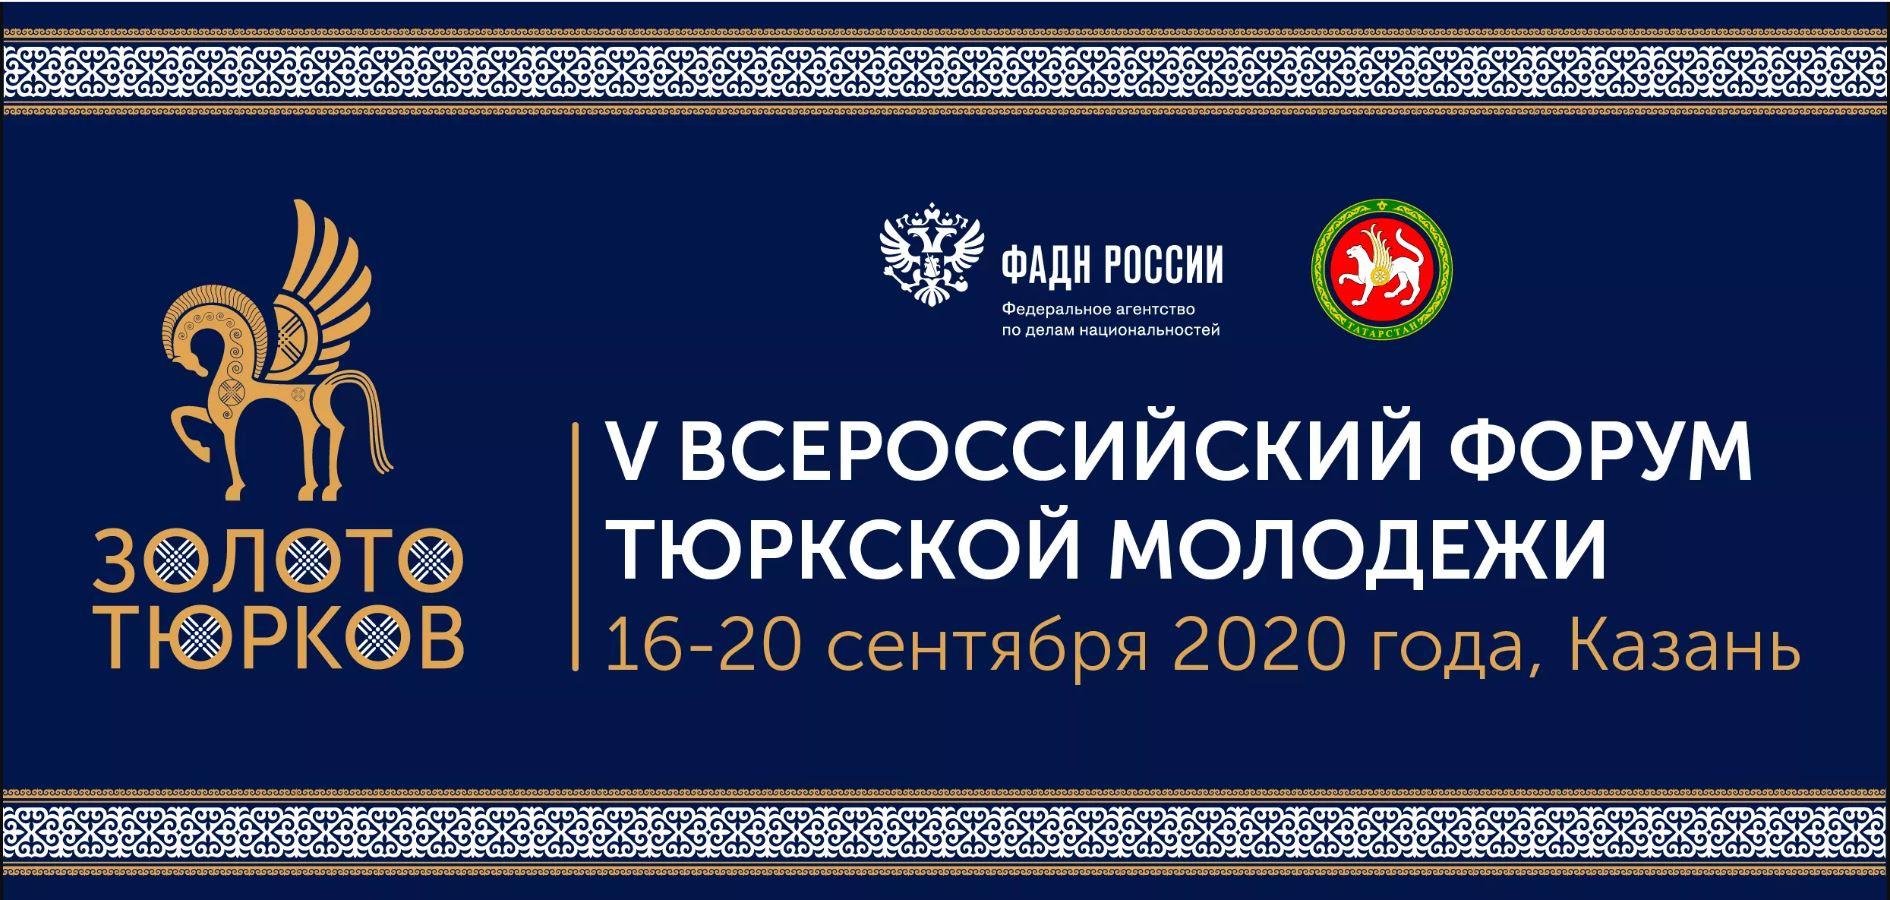 Завершается прием заявок на V Всероссийский форум тюркской молодежи «Золото тюрков»